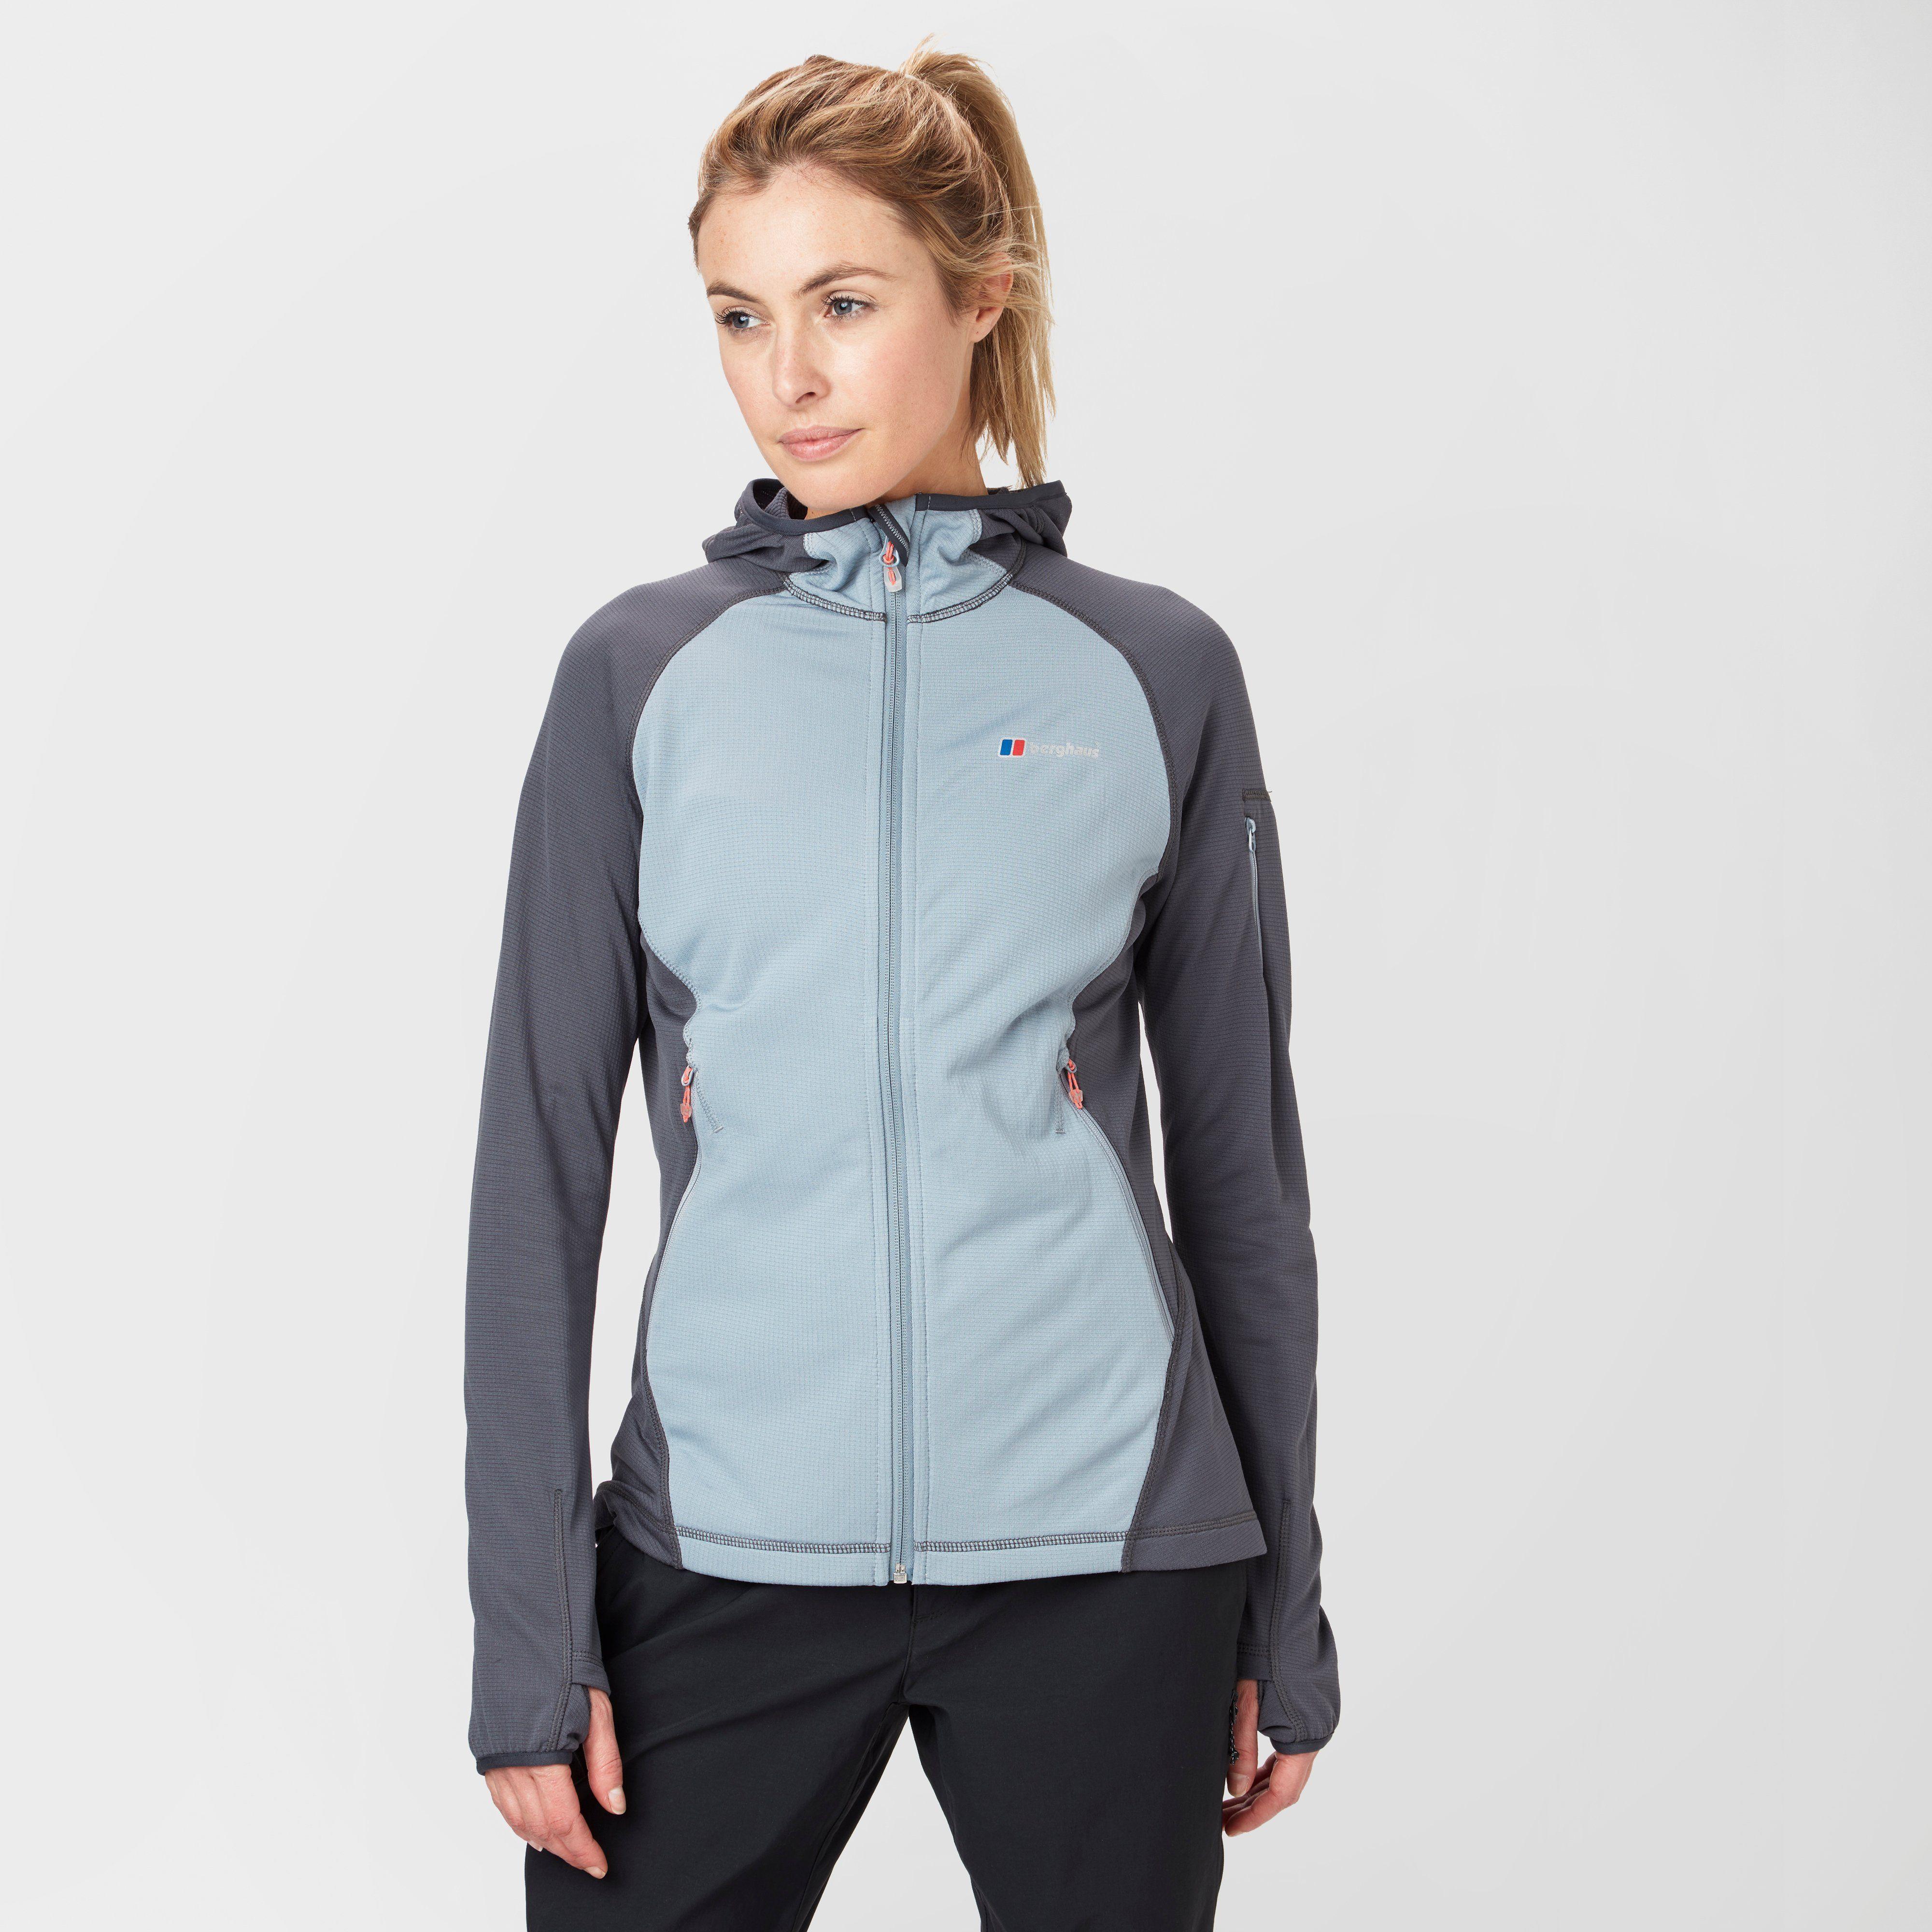 BERGHAUS Women's Pravitale Light 2.0 Hooded Fleece Jacket